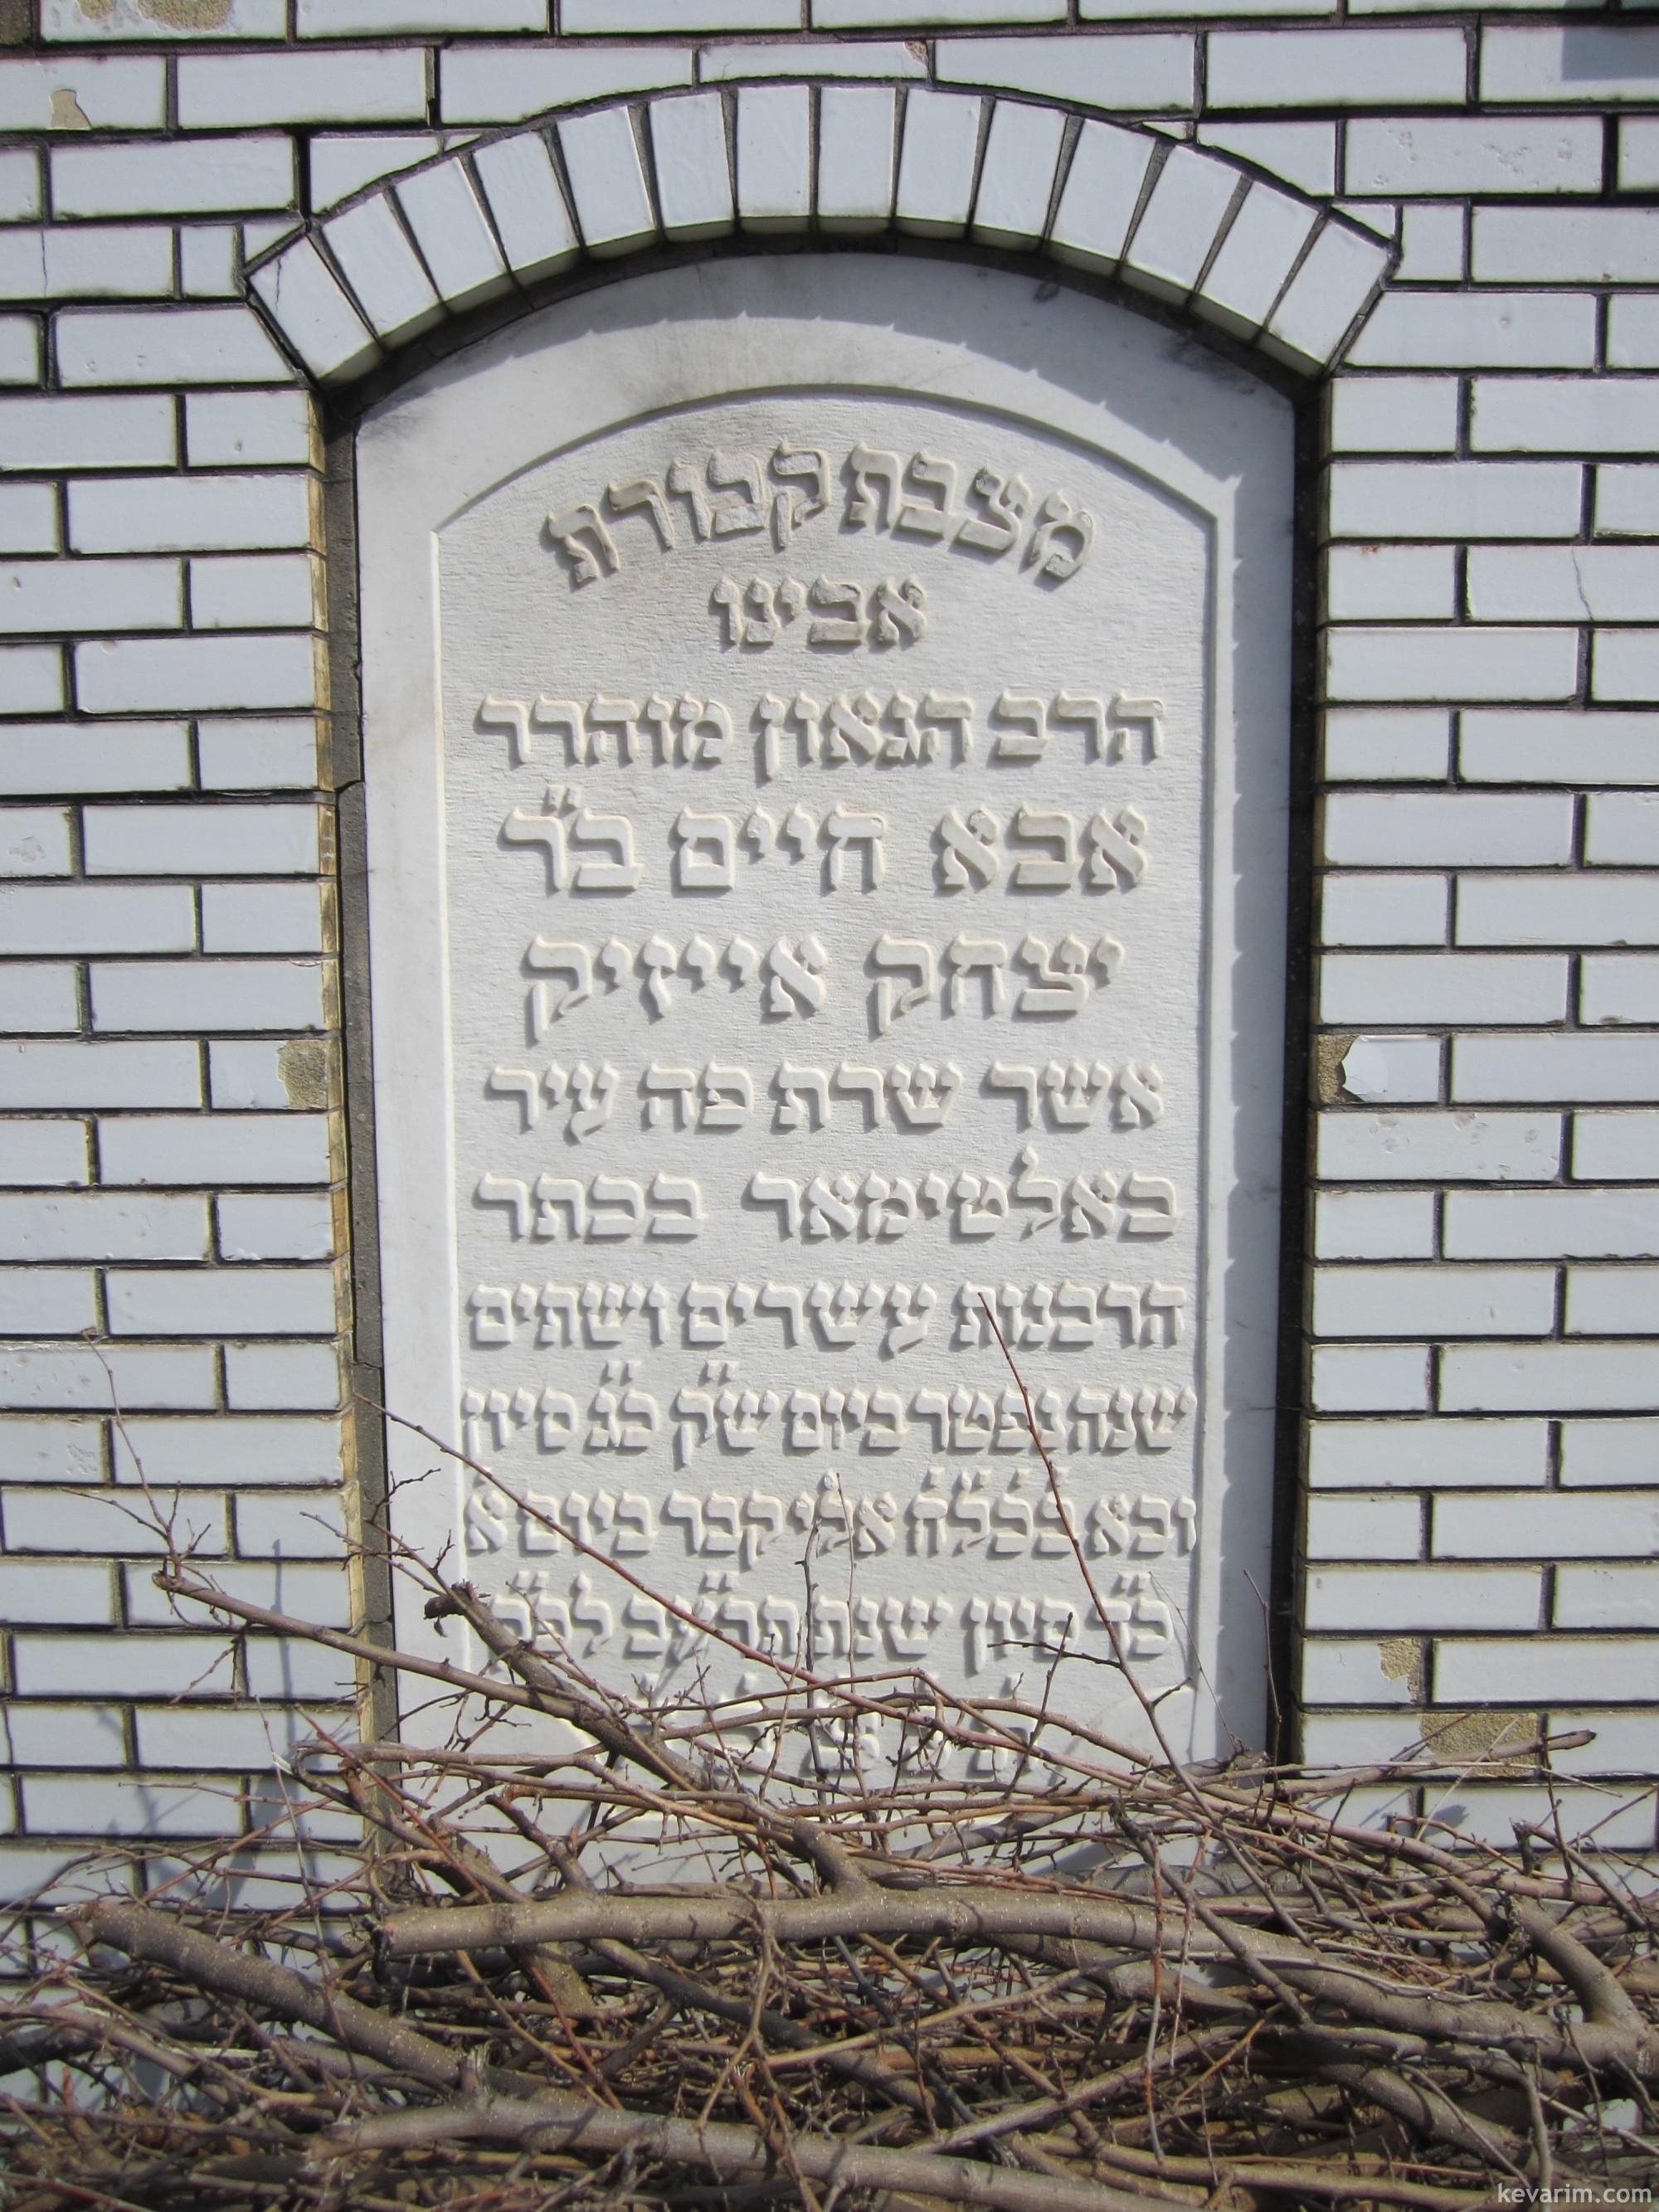 Rabbi Abba Chaim Levinsohn